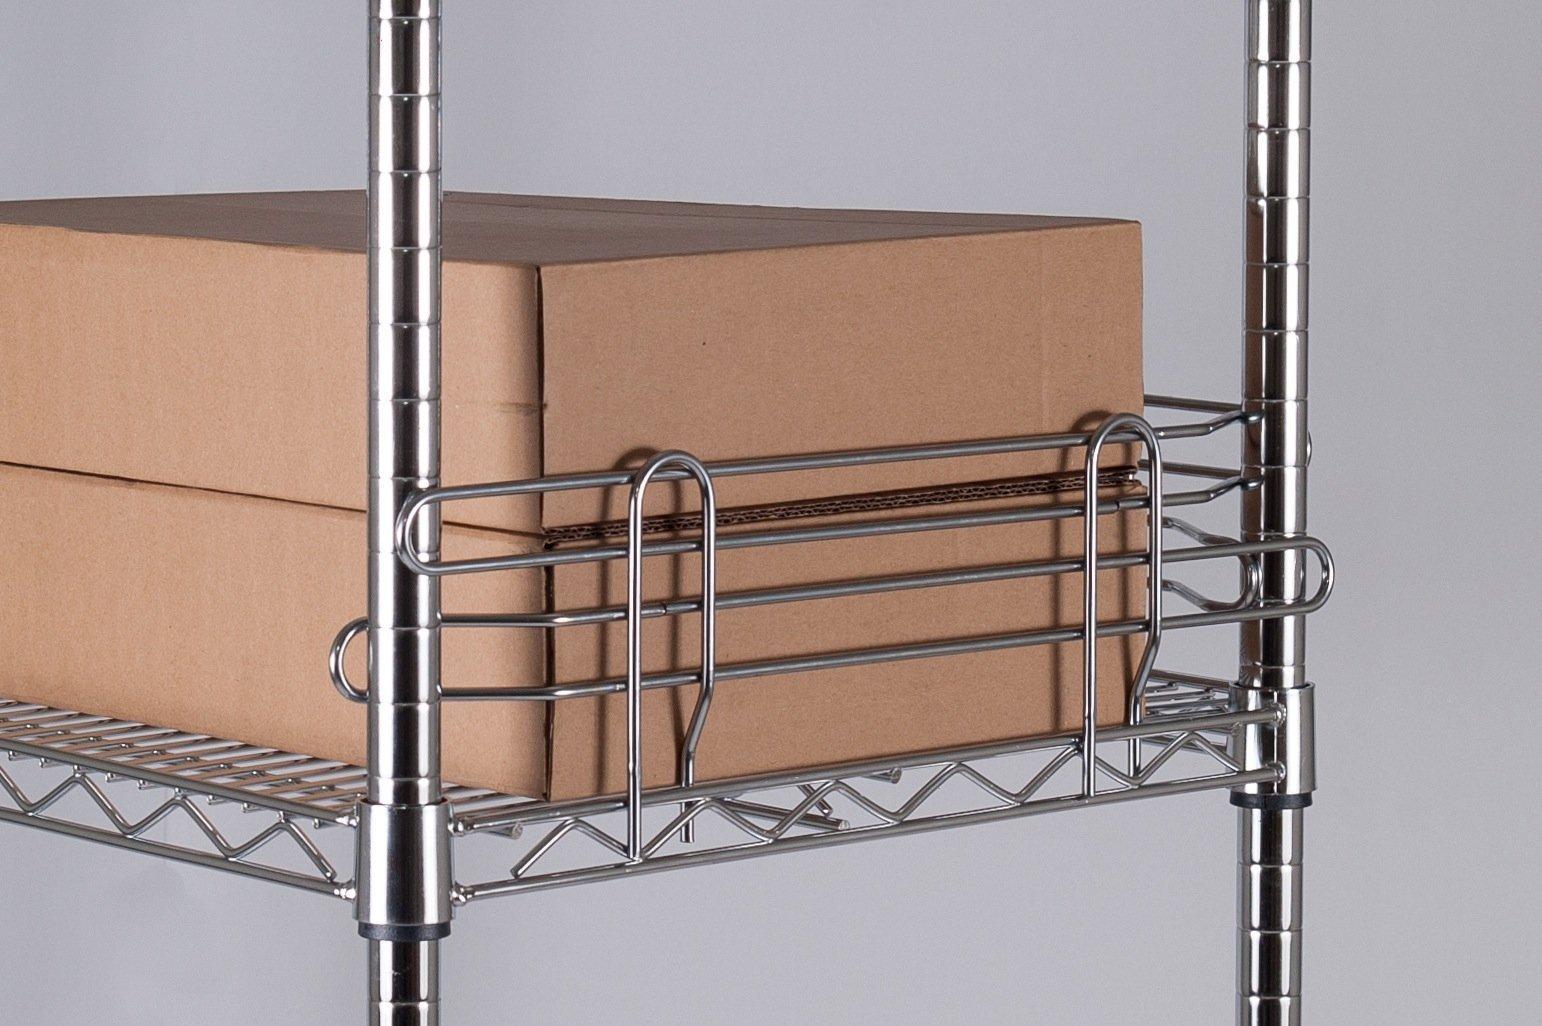 【鐵架工場】新品 - 45cm側擋井字圍籬~圓圍籬~置物架 ~鍍鉻層架~波浪架~鐵架